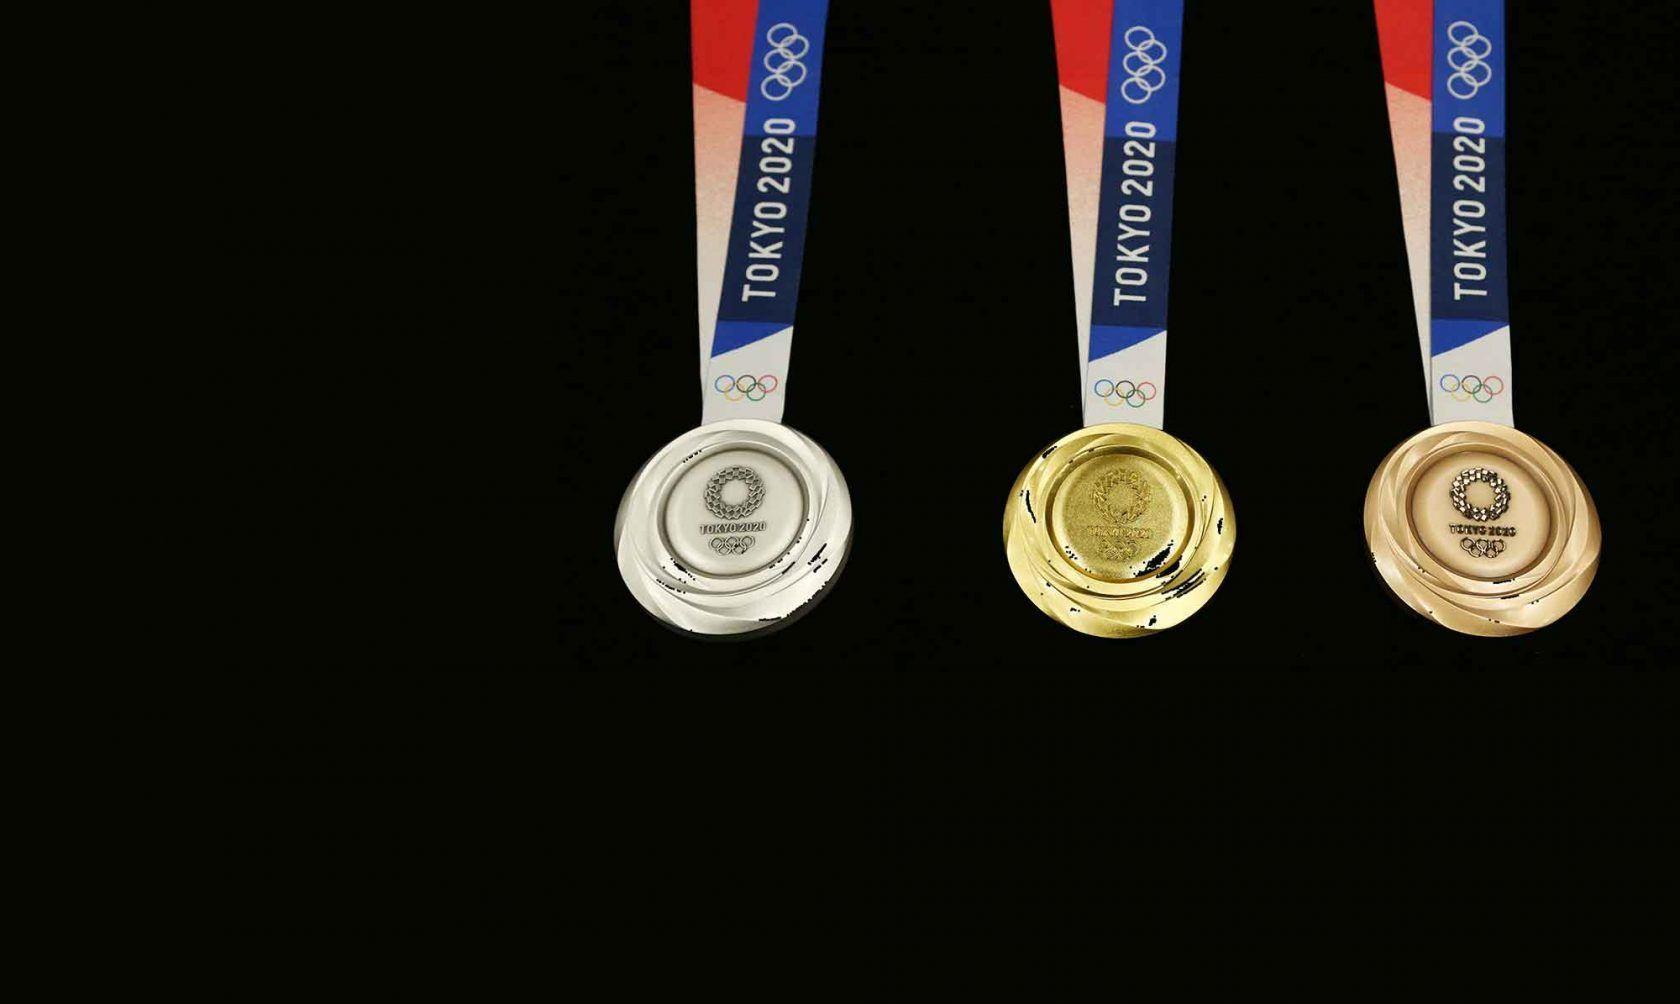 Le medaglie si contano, ma soprattutto si pesano